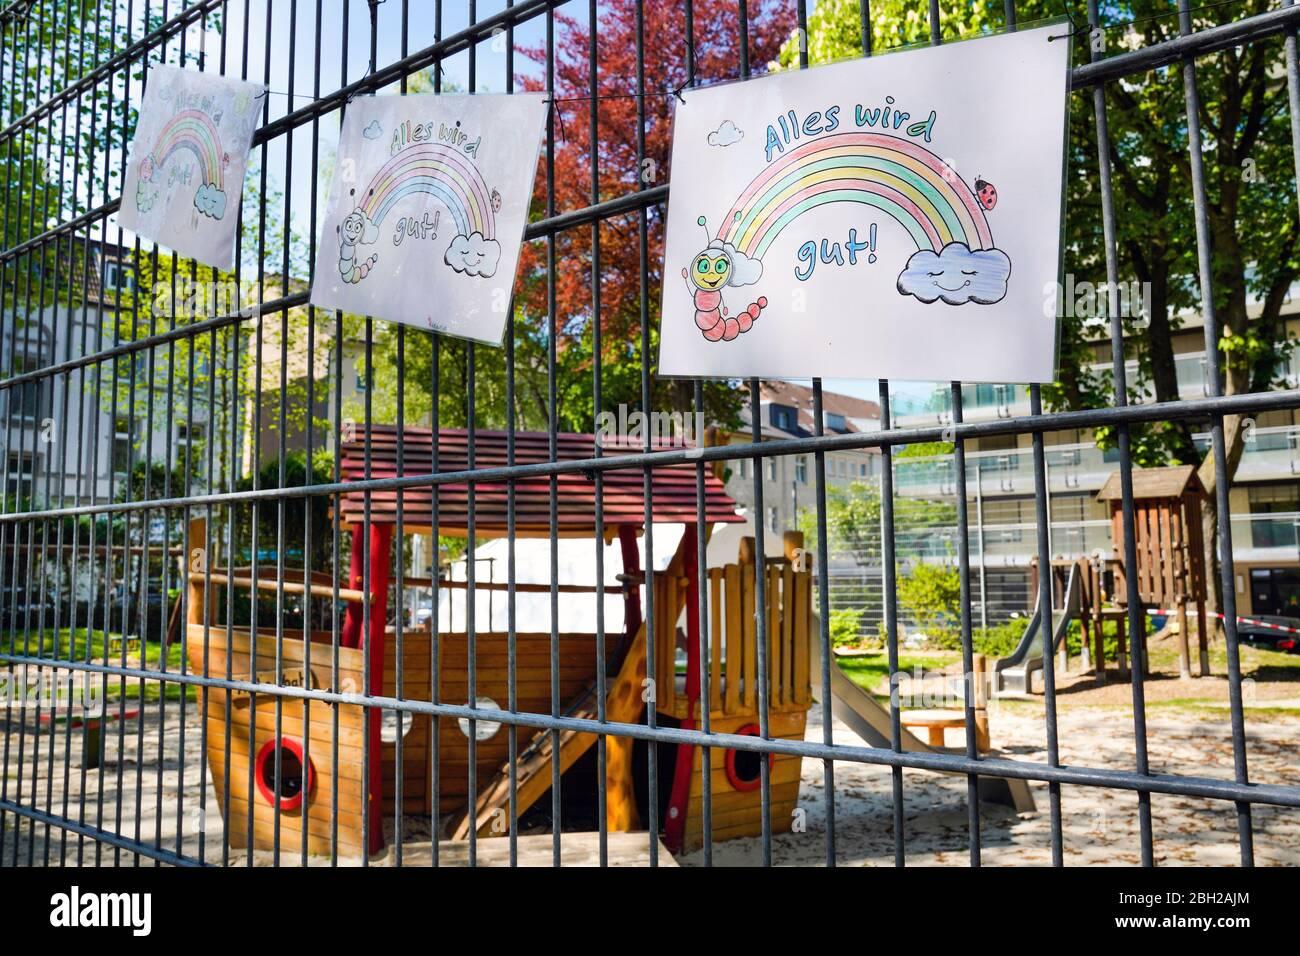 """Dortmund, 23.04.2020: Von Kindern gemaltes Plakat mit der Aufschrift """"Alles wird gut"""" hängt am Zaun eines Kinderspielplatzes, der wegen der Gefahr vor Ansteckung mit dem Corona-Virus Covid-19 gesperrt ist.   ---   Dortmund, Germany, April 23, 2020: Poster painted by children with the inscription """"Everything will be fine"""" hangs on the fence of a children's playground, which is blocked due to the risk of infection with the Corona Virus Covid-19, SARD-CoV-2 Stock Photo"""